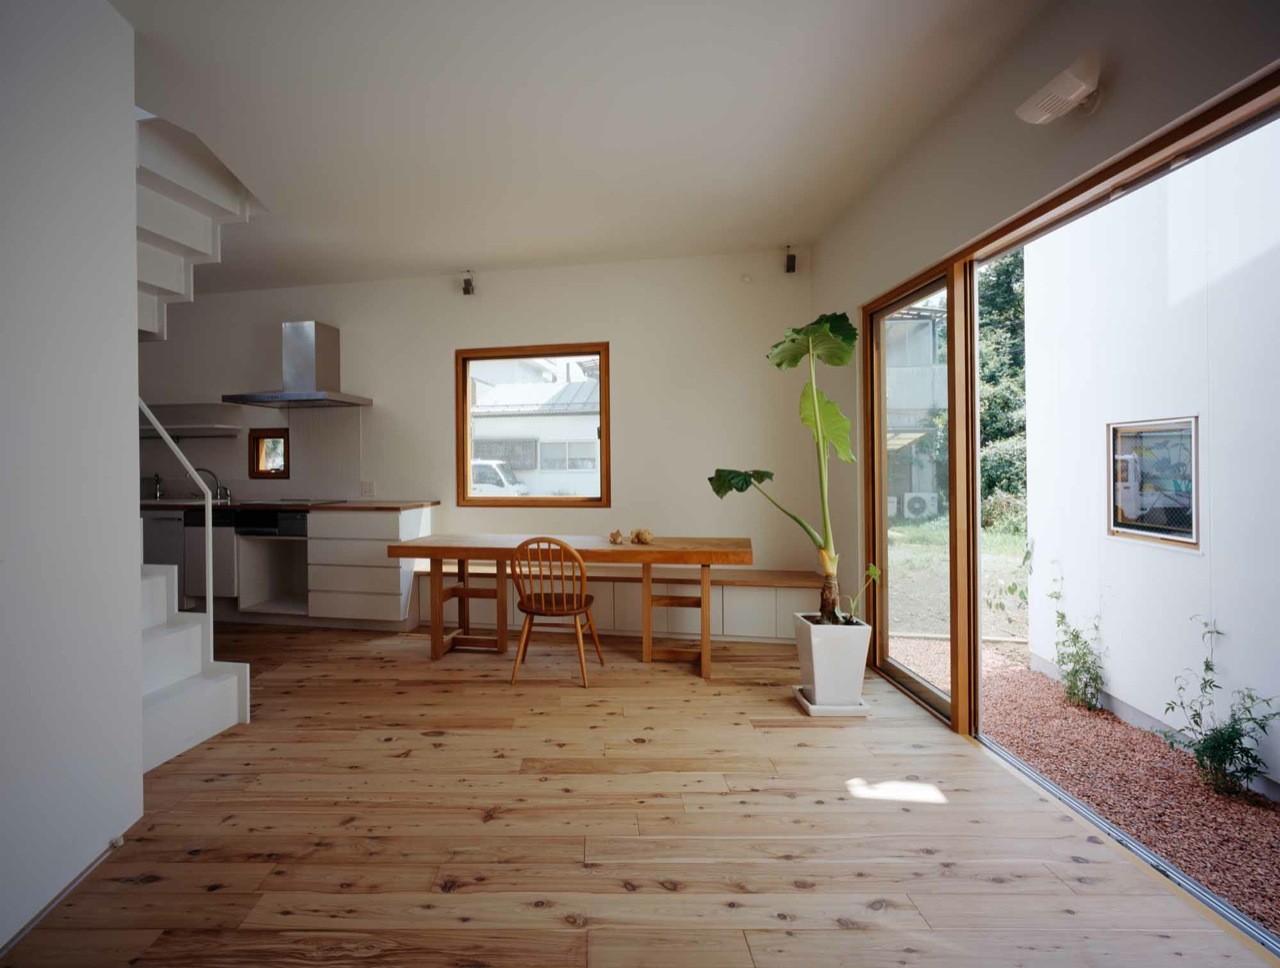 Gallery of inside house outside house takeshi hosaka for House inside photos